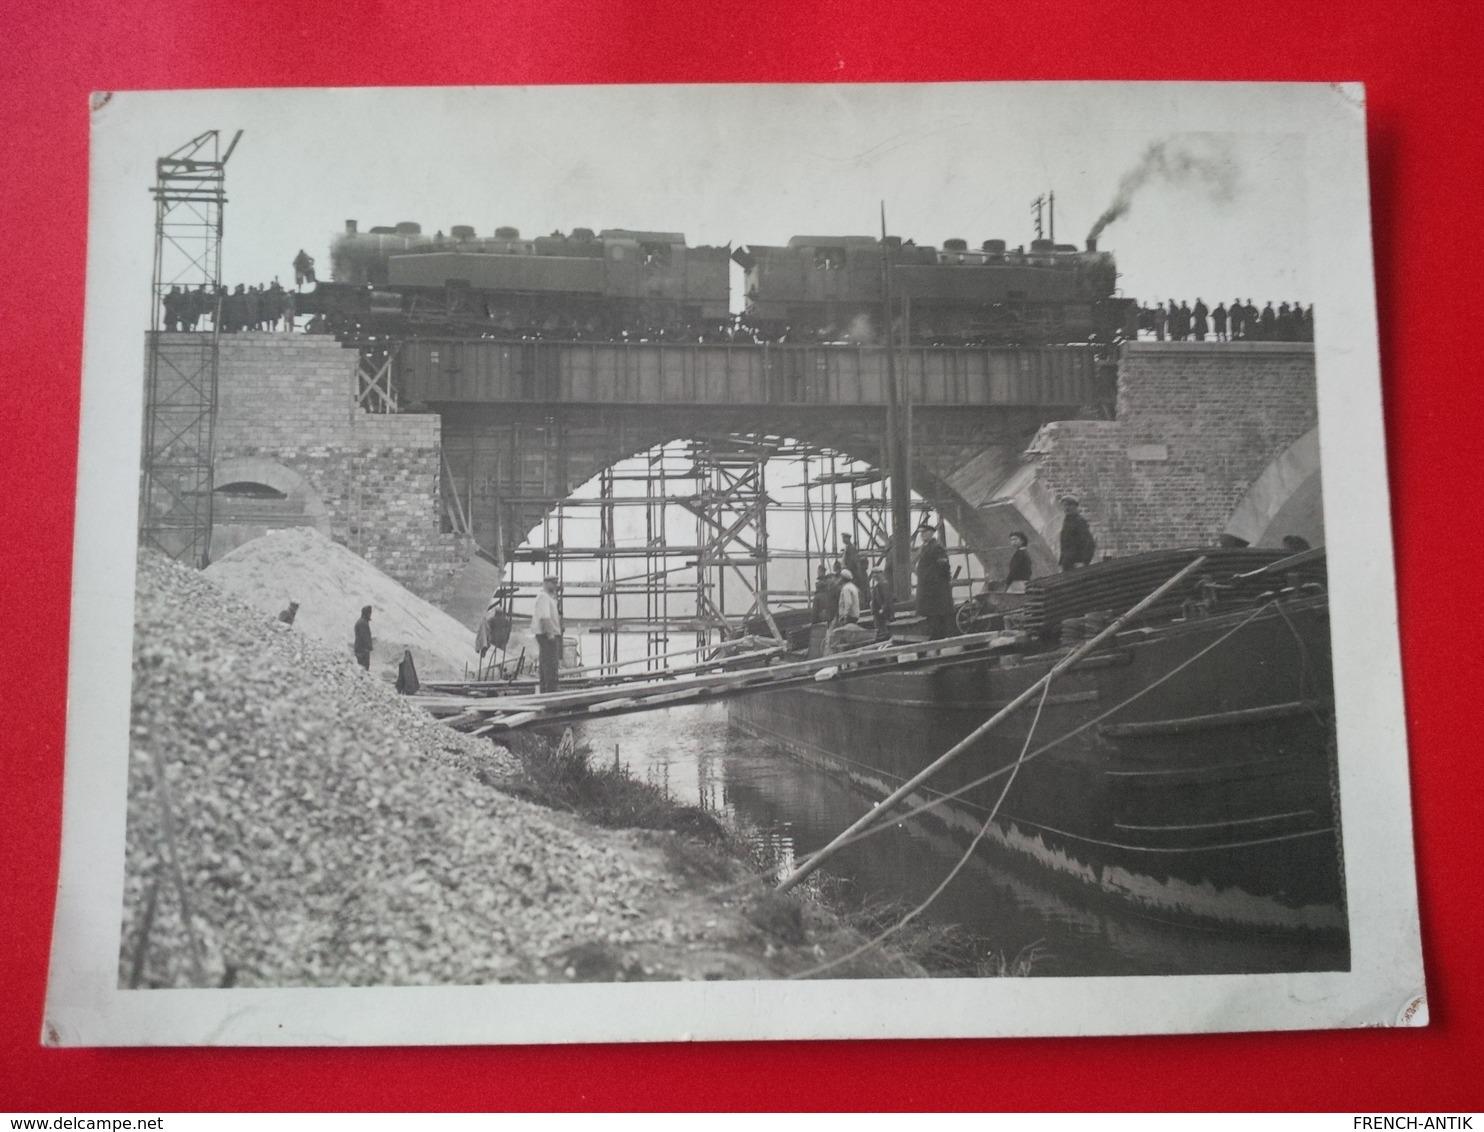 GRANDE PHOTO 2 LOCOMOTIVE SUR UN PONT EN CONSTRUCTION ET UNE PENICHE SUPERBE PHOTOGRAPHIE - Trains